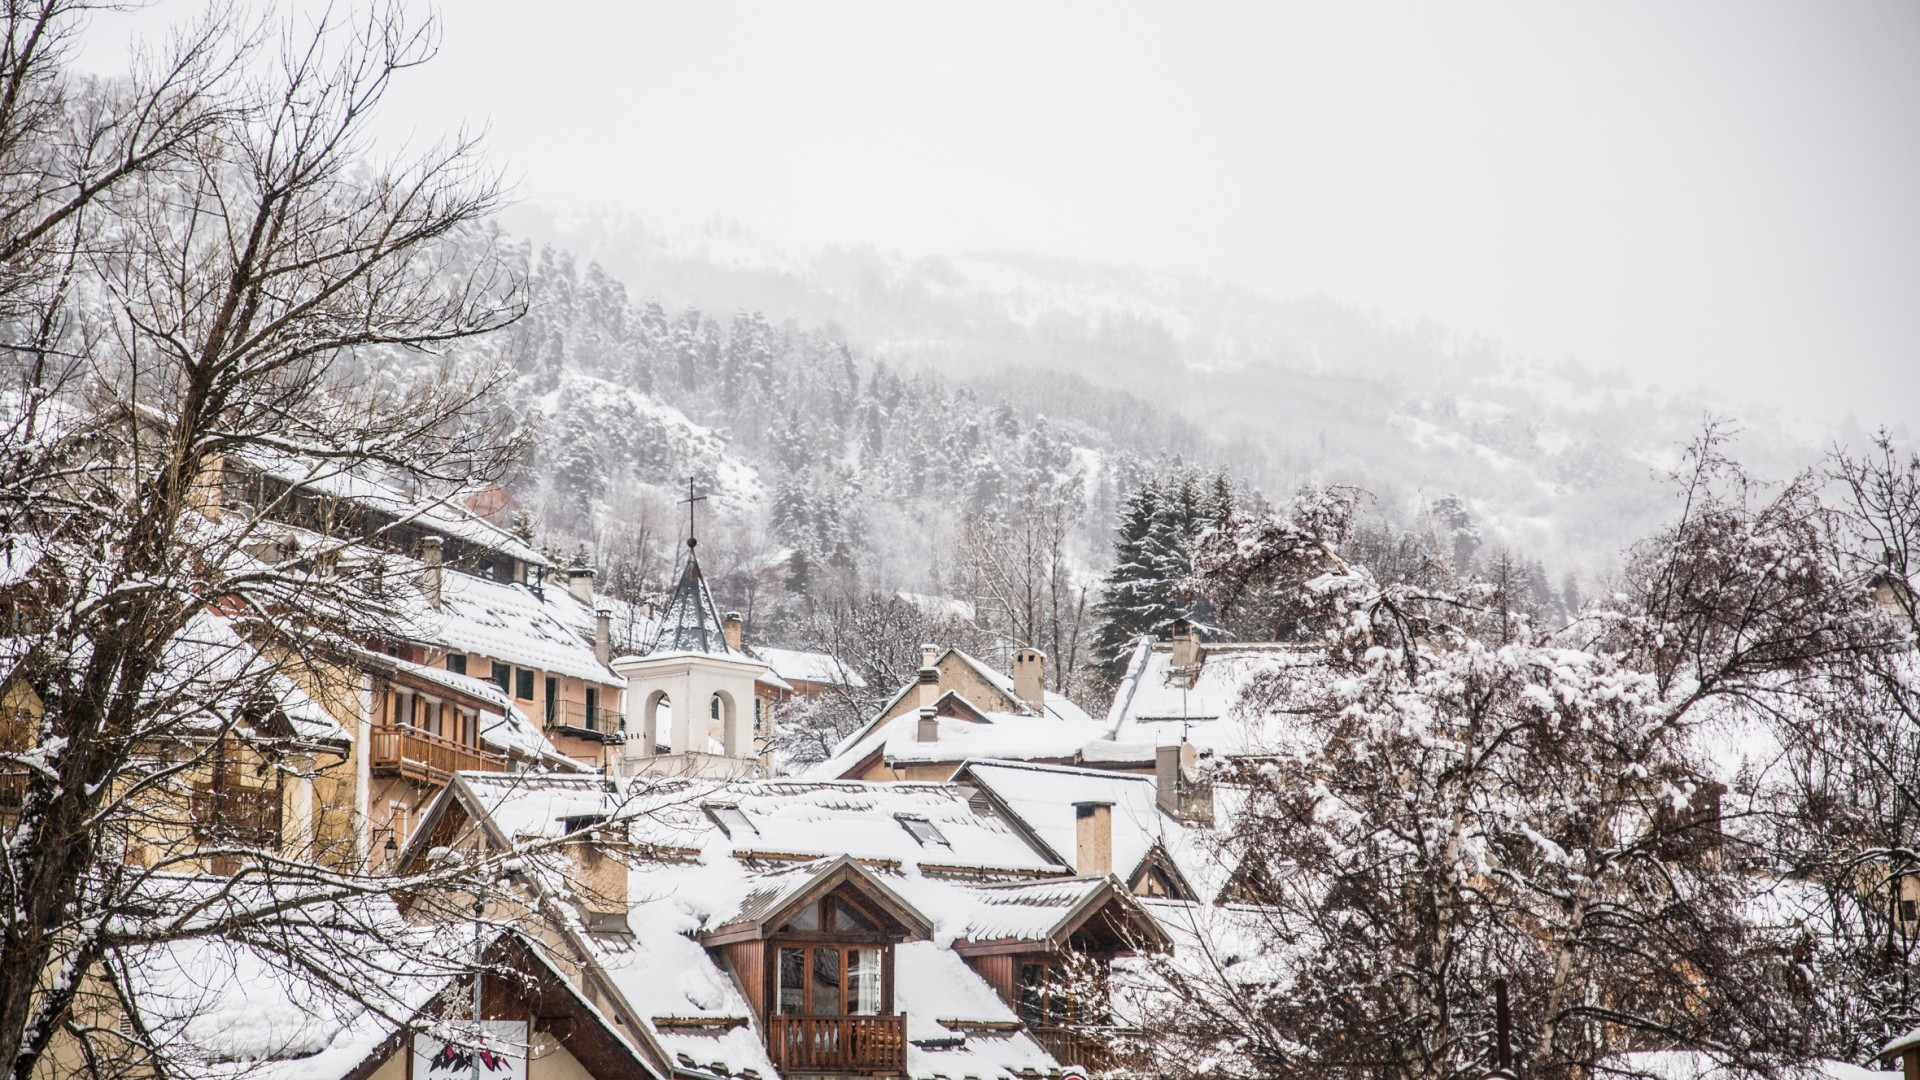 Аренда апартаментов в Серр Шевалье Лё Монетье-ле-Бен